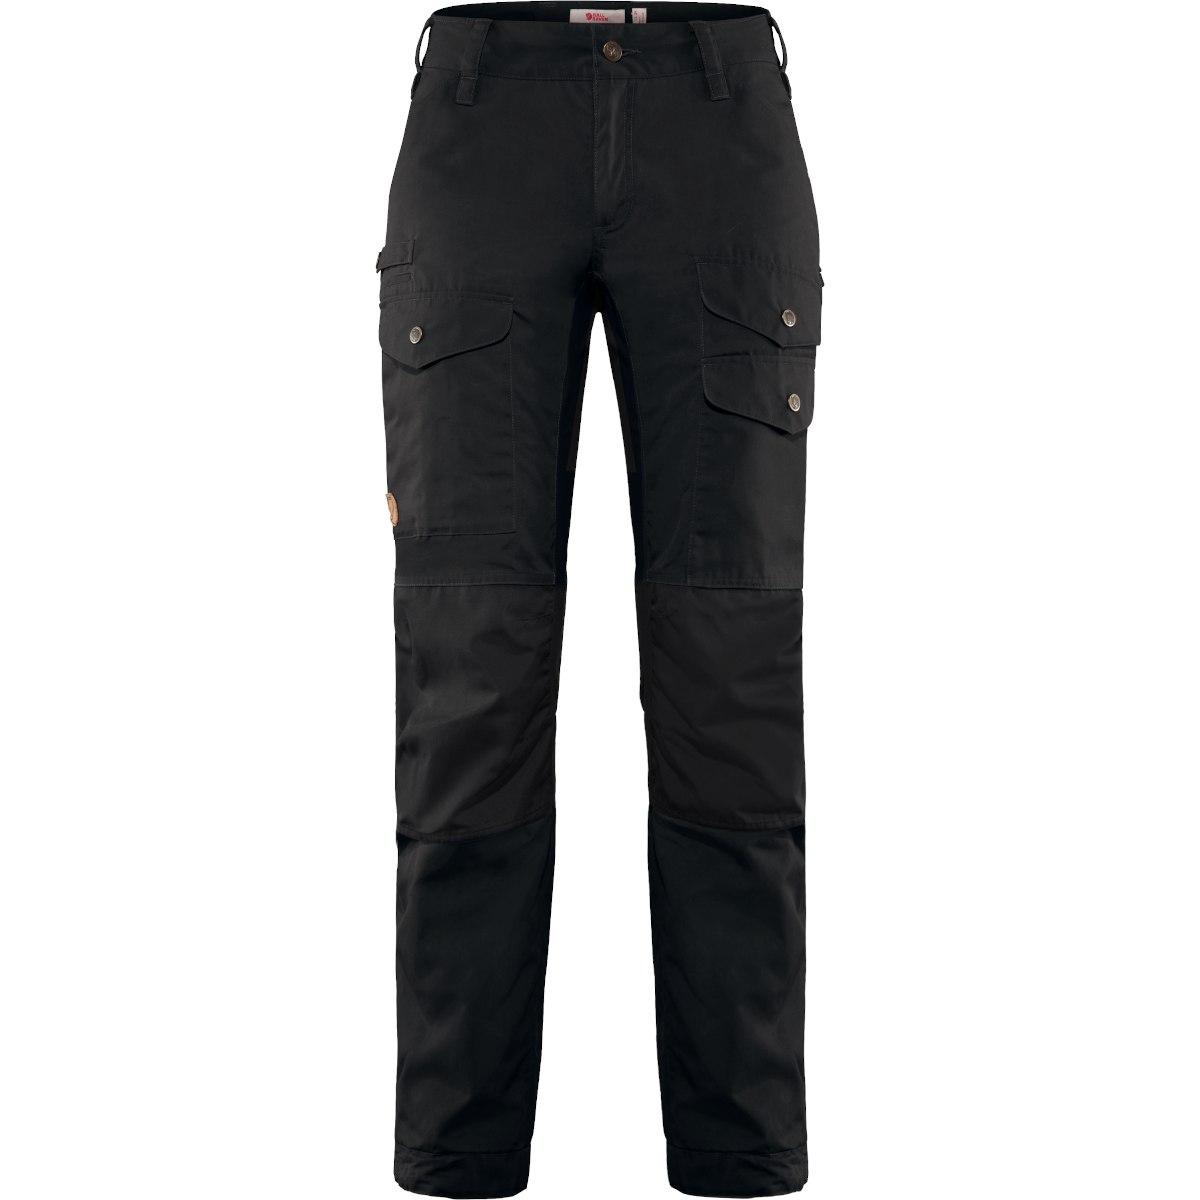 Fjällräven Vidda Pro Ventilated Trouser for Women - Regular - black